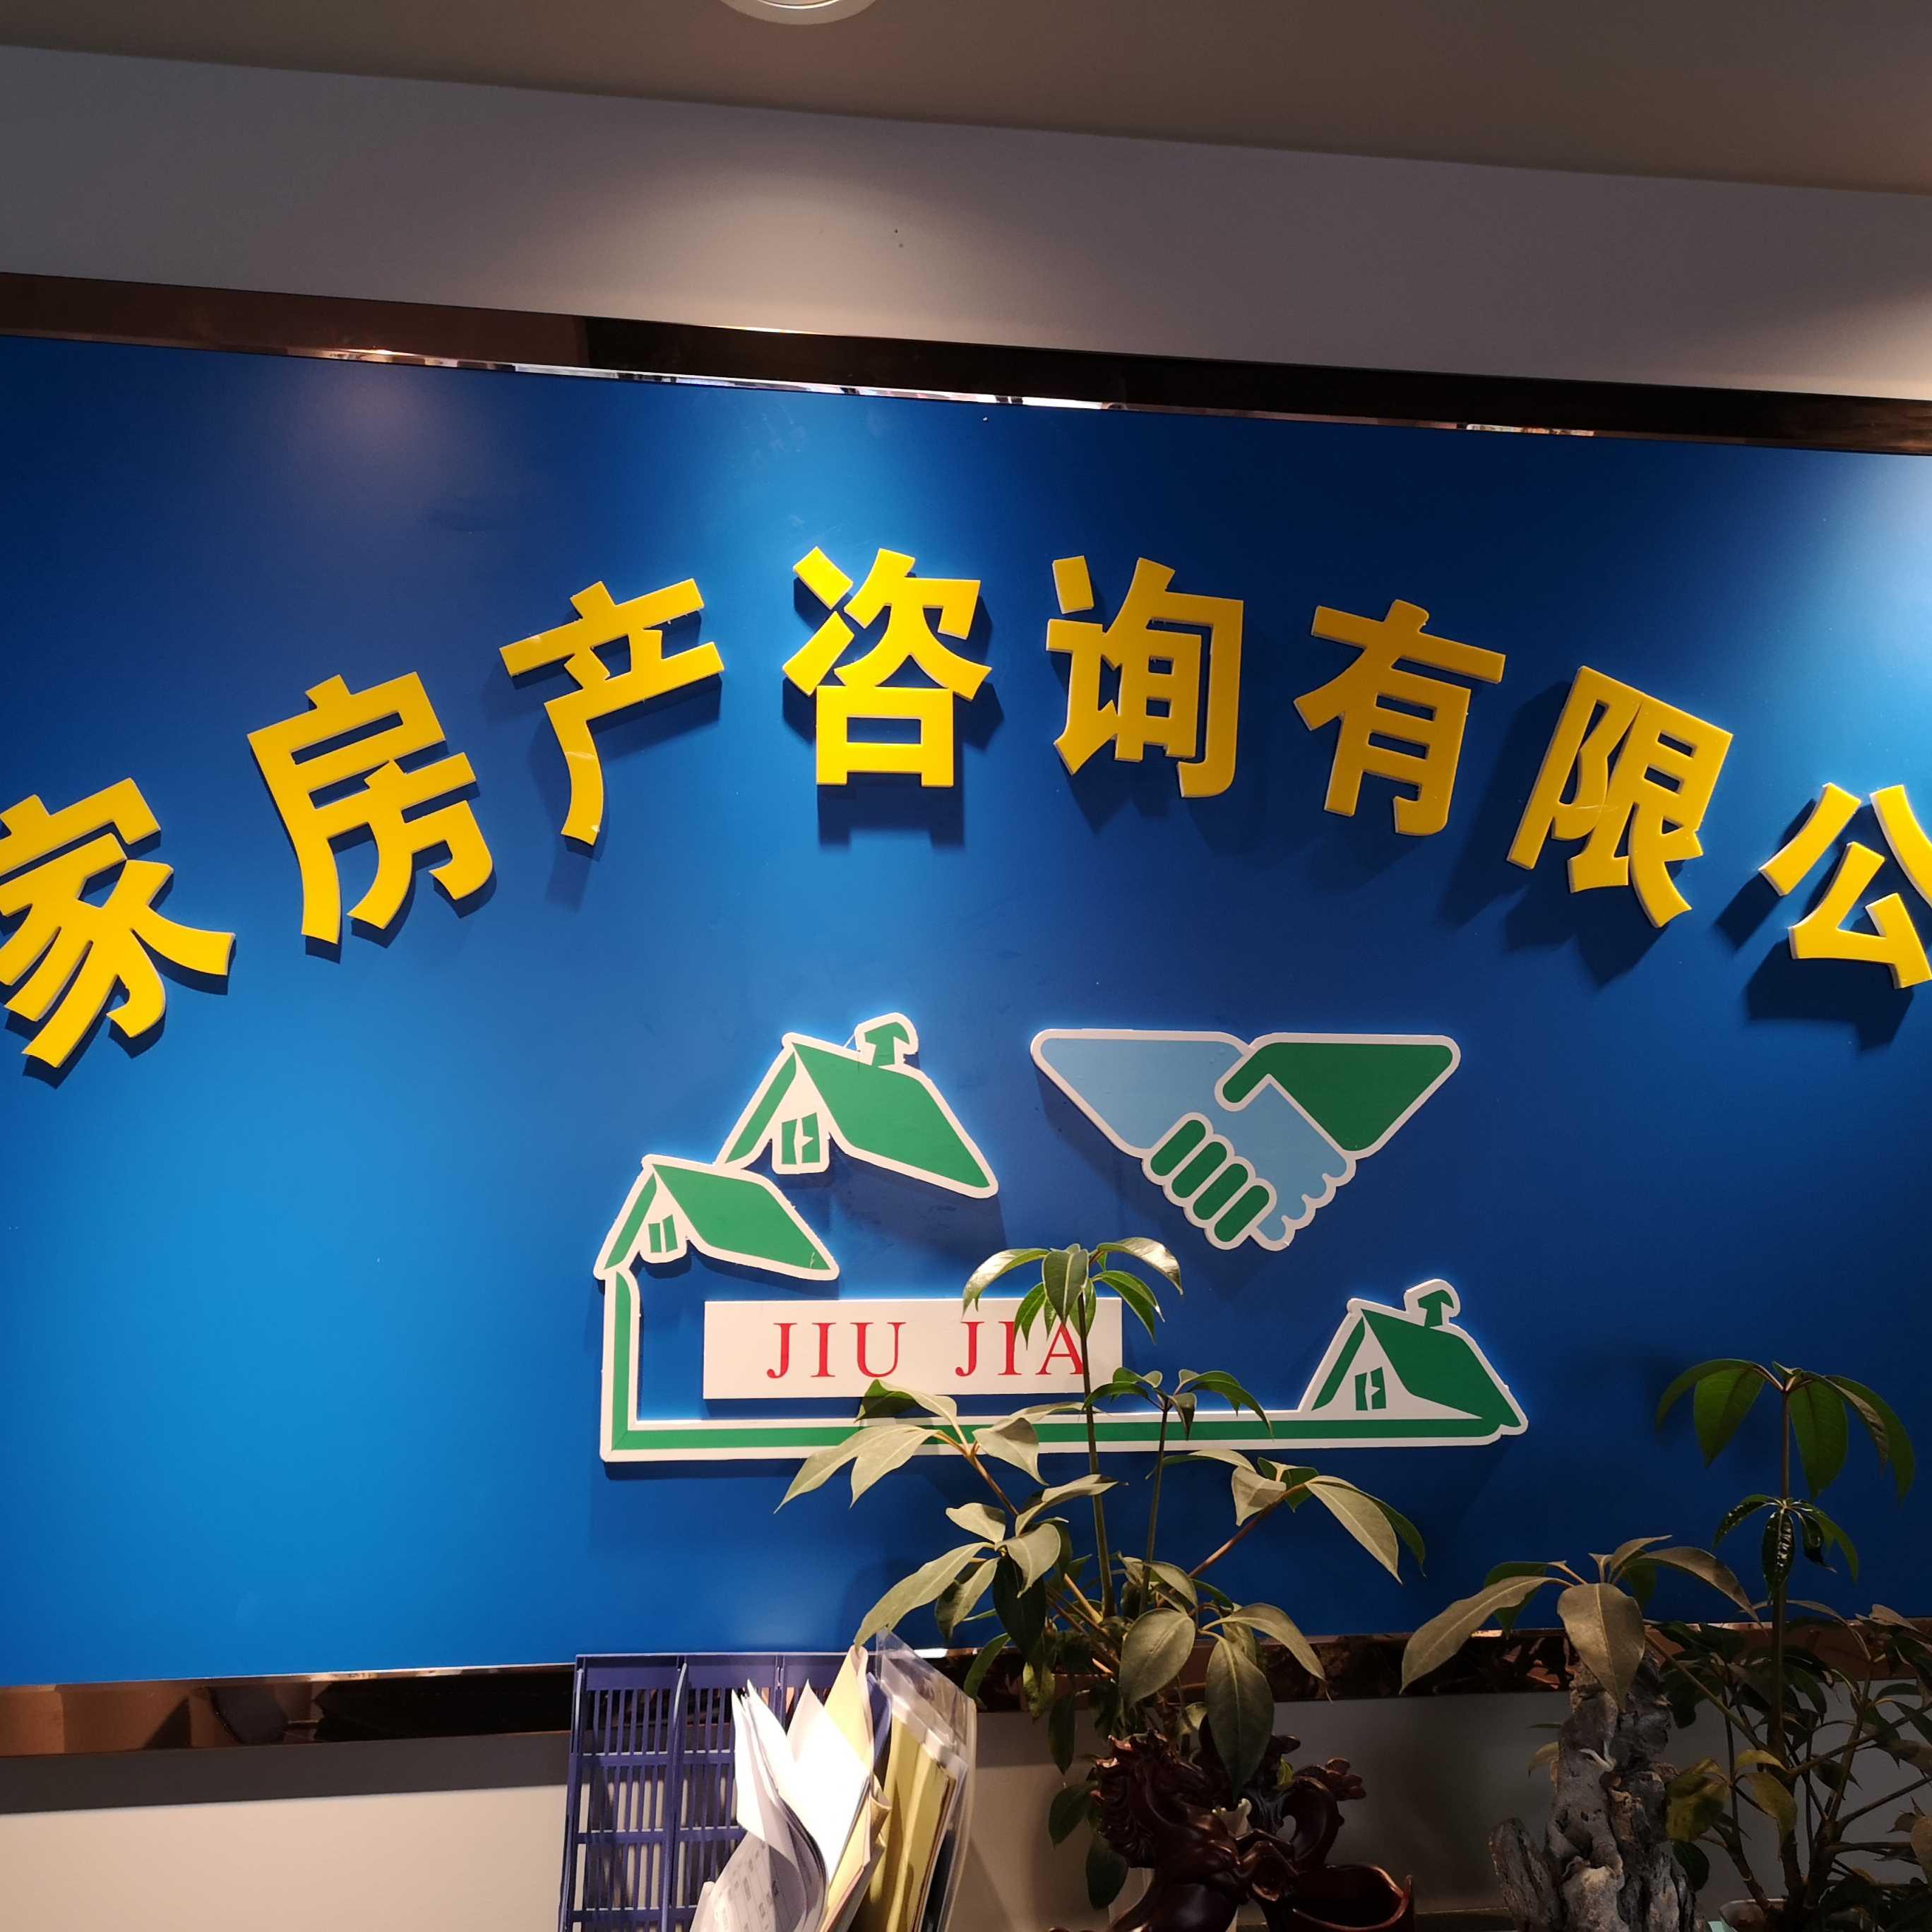 南通玖家房产咨询服务有限公司